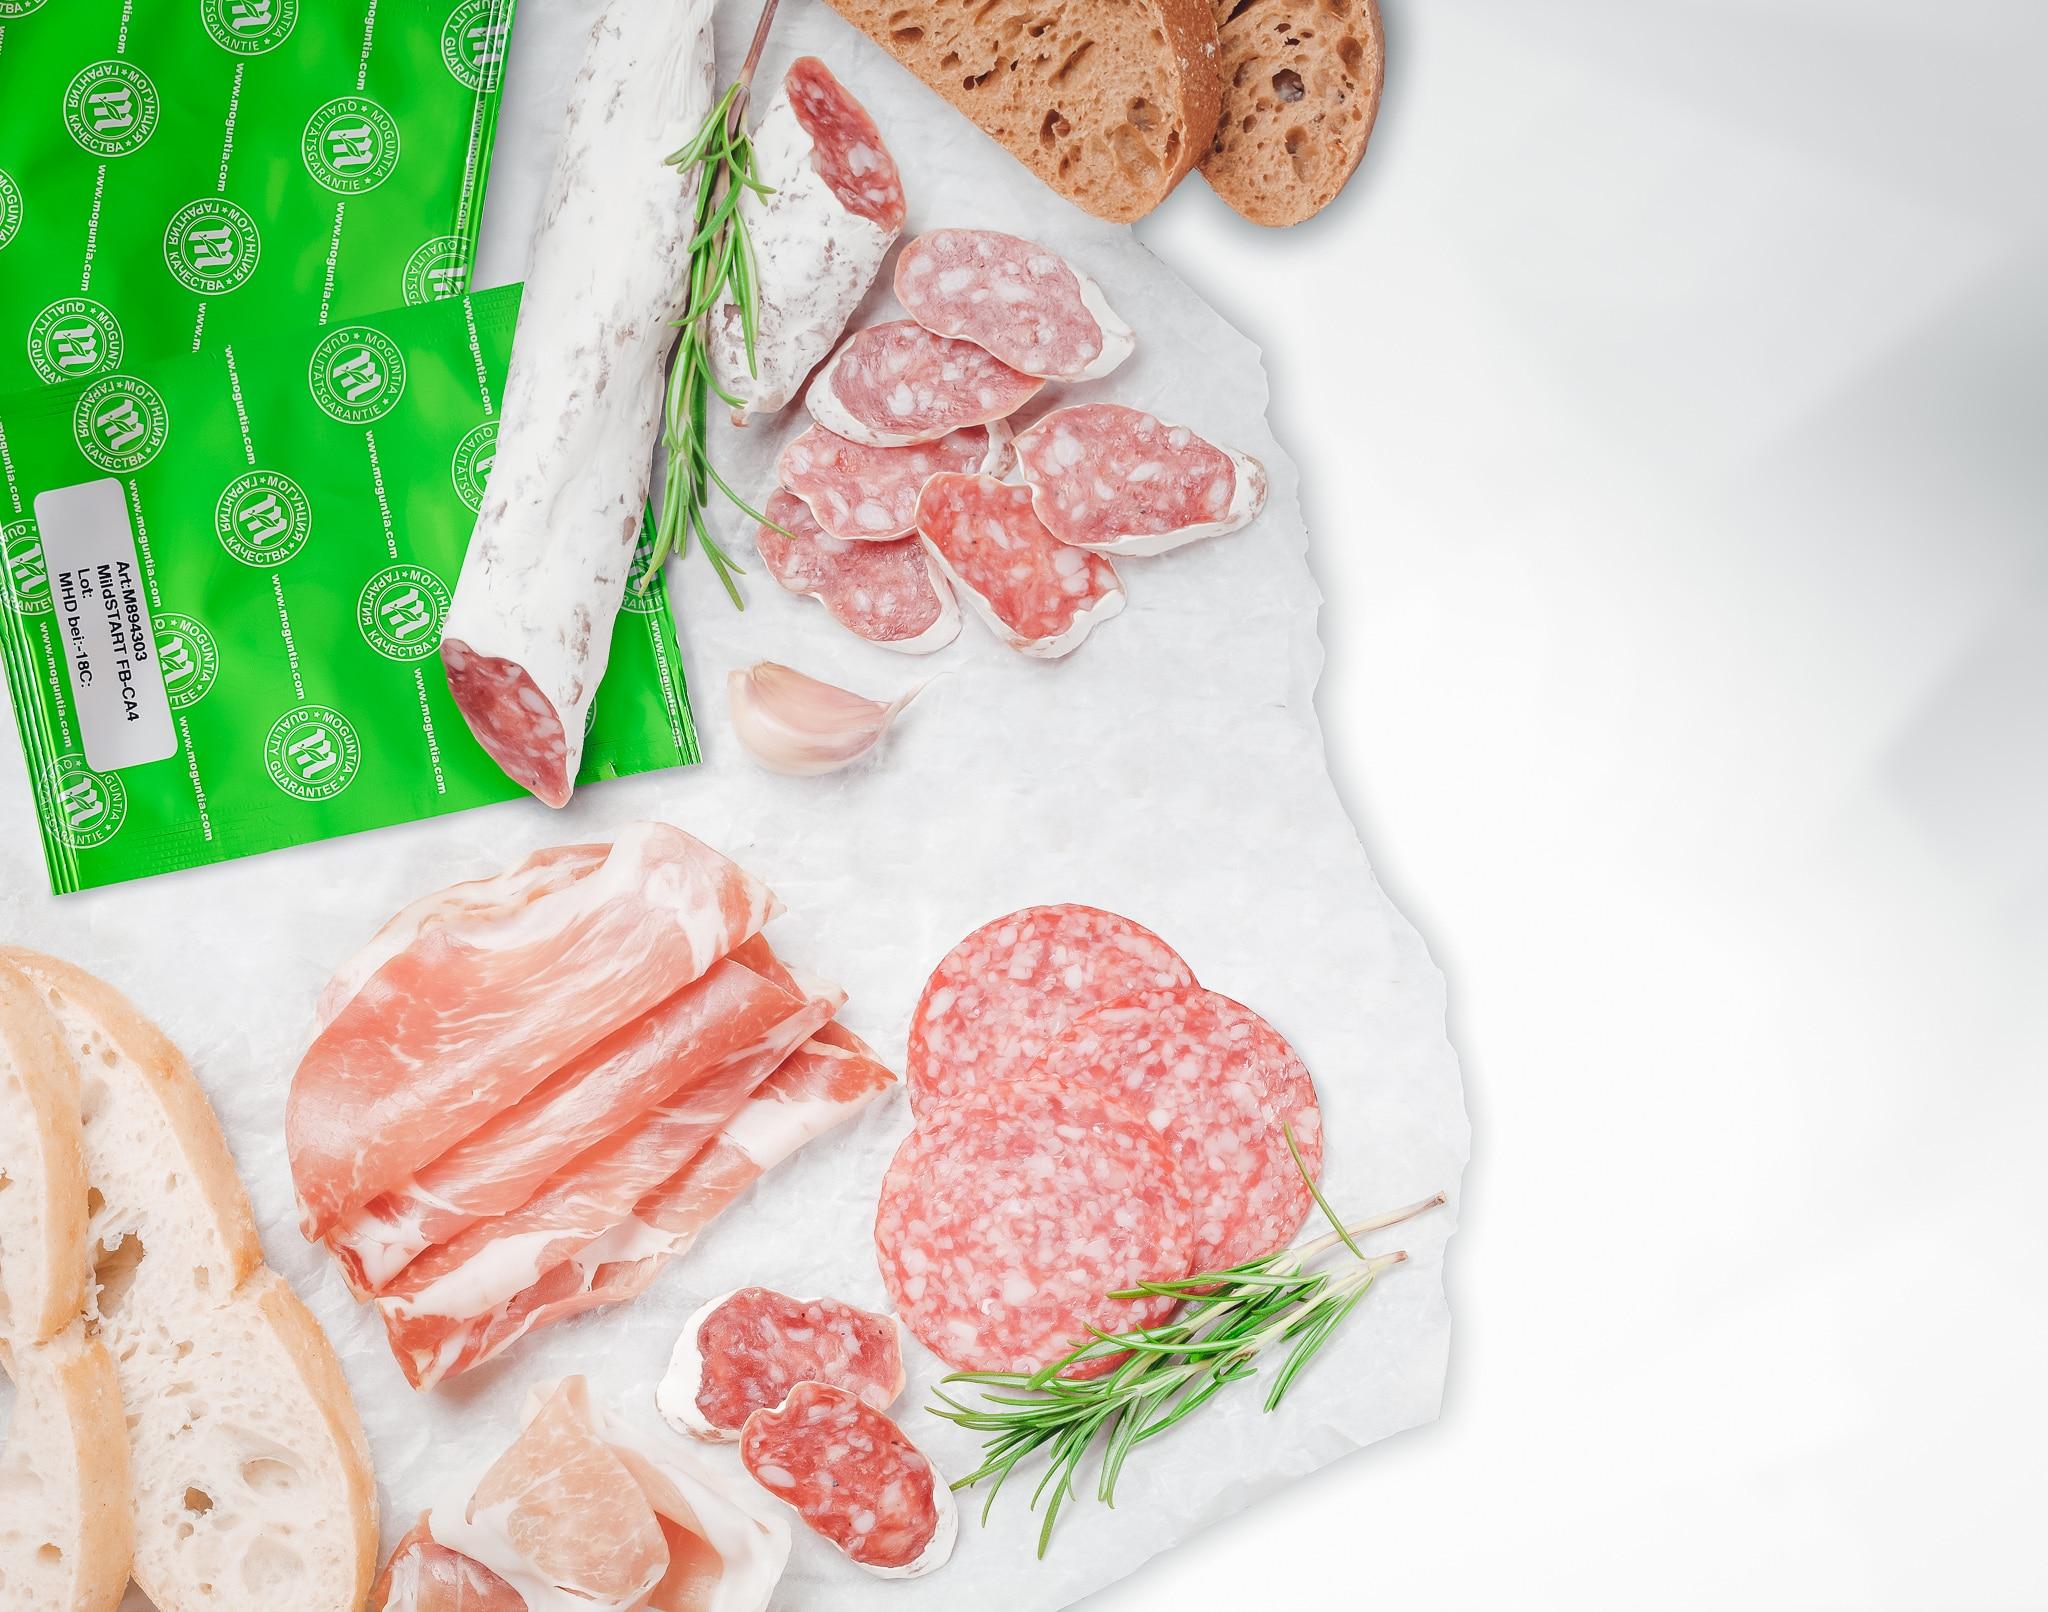 Starterkulturen: dieses Bild zeigt Rohwurst mit einer Verpackung von unseren Starterkulturen